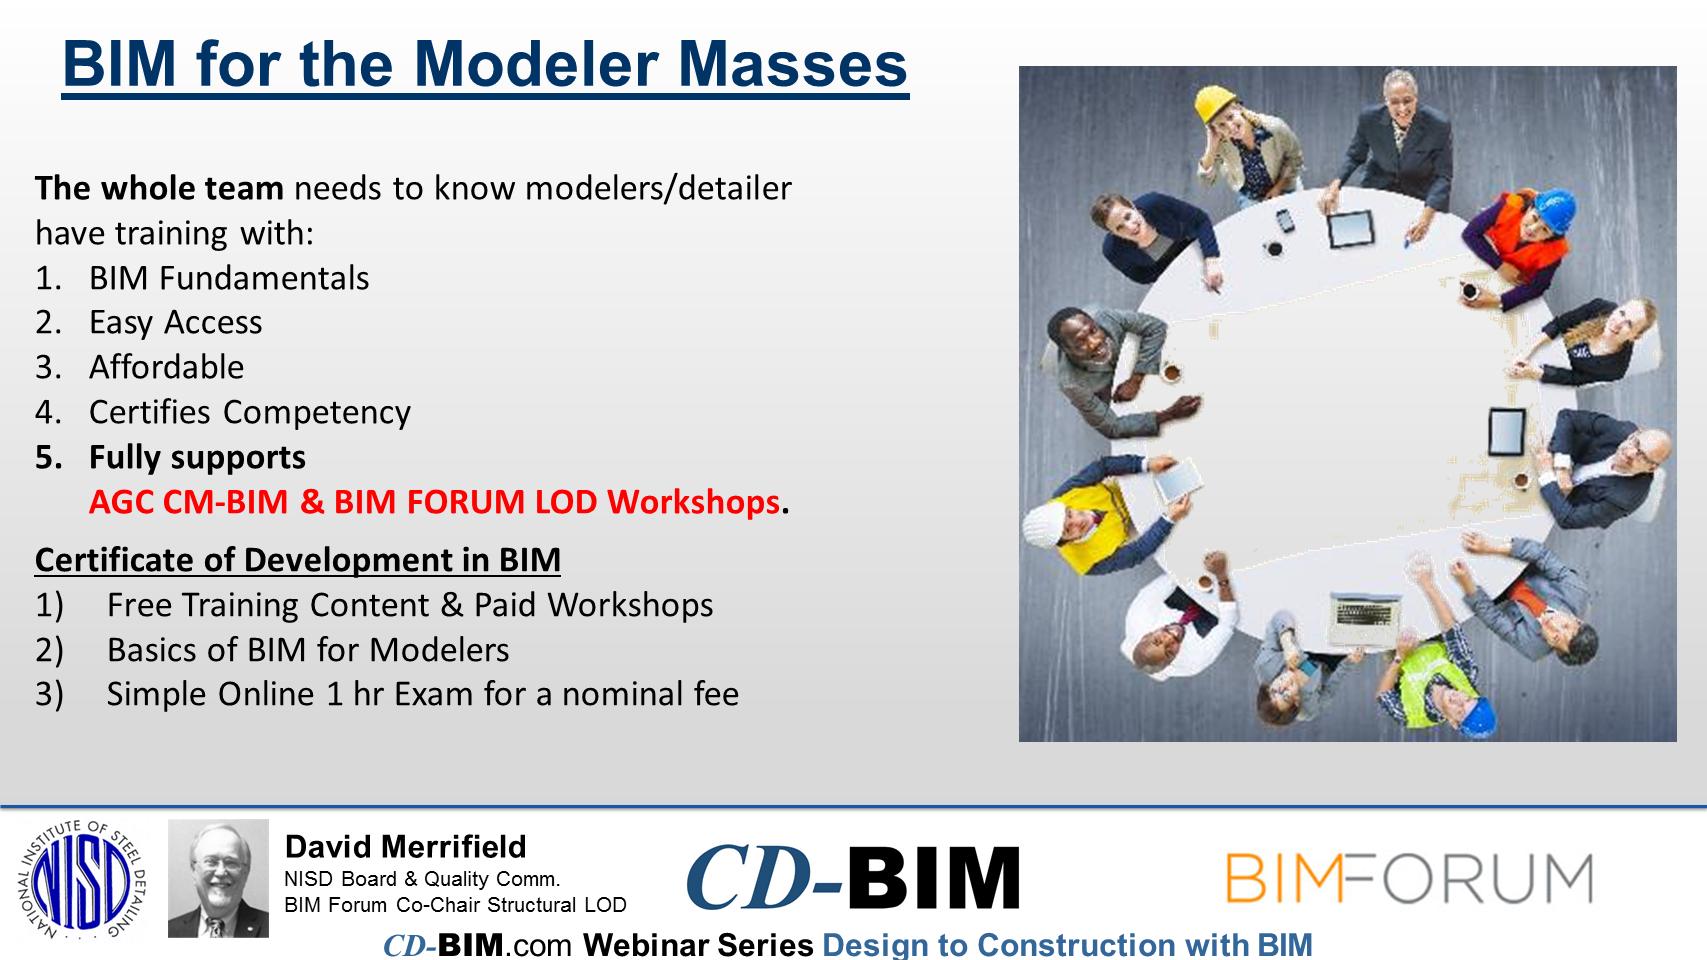 Cd bim certificate of development in bim what is the certificate of development in bim cd bim 1betcityfo Gallery